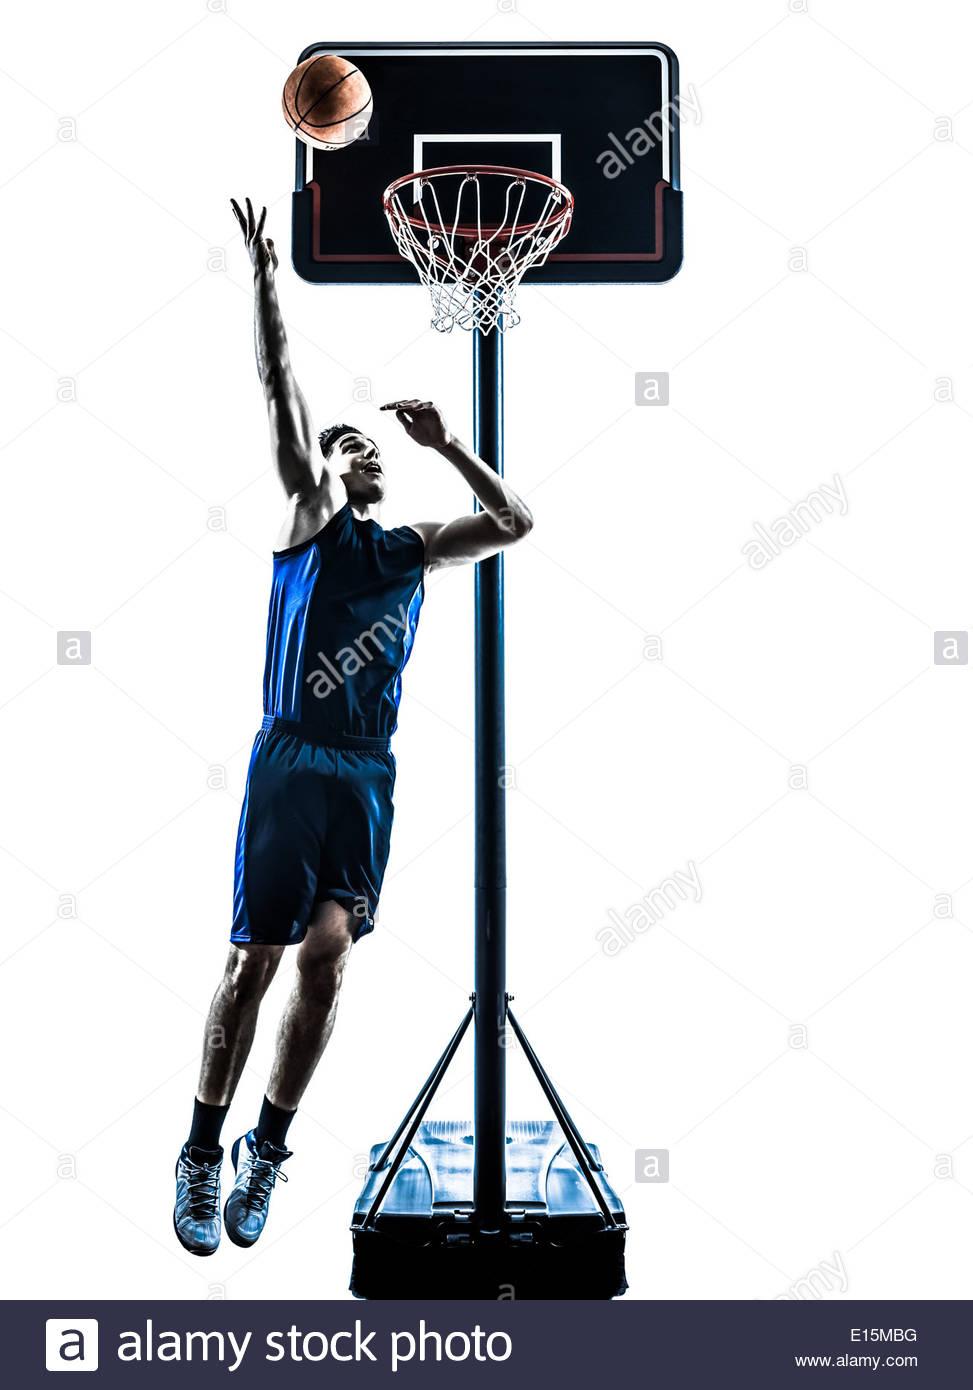 973x1390 Basketball Uniforms Stock Photos Amp Basketball Uniforms Stock